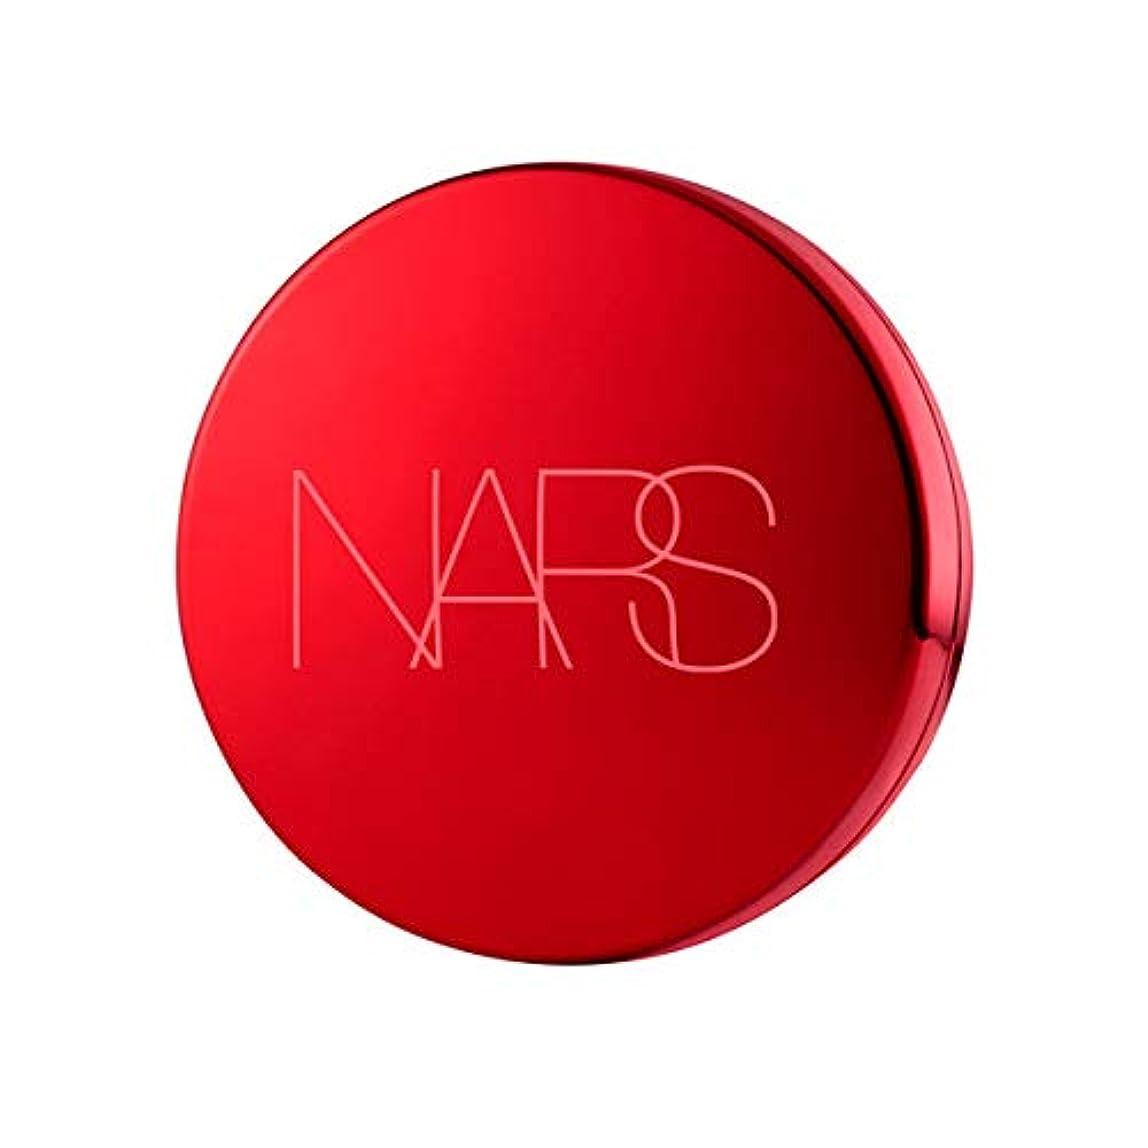 意図的トライアスリートキリスト教【NARS(ナーズ)】 アクアティックグロー クッションコンパクト スペシャルエディションケース